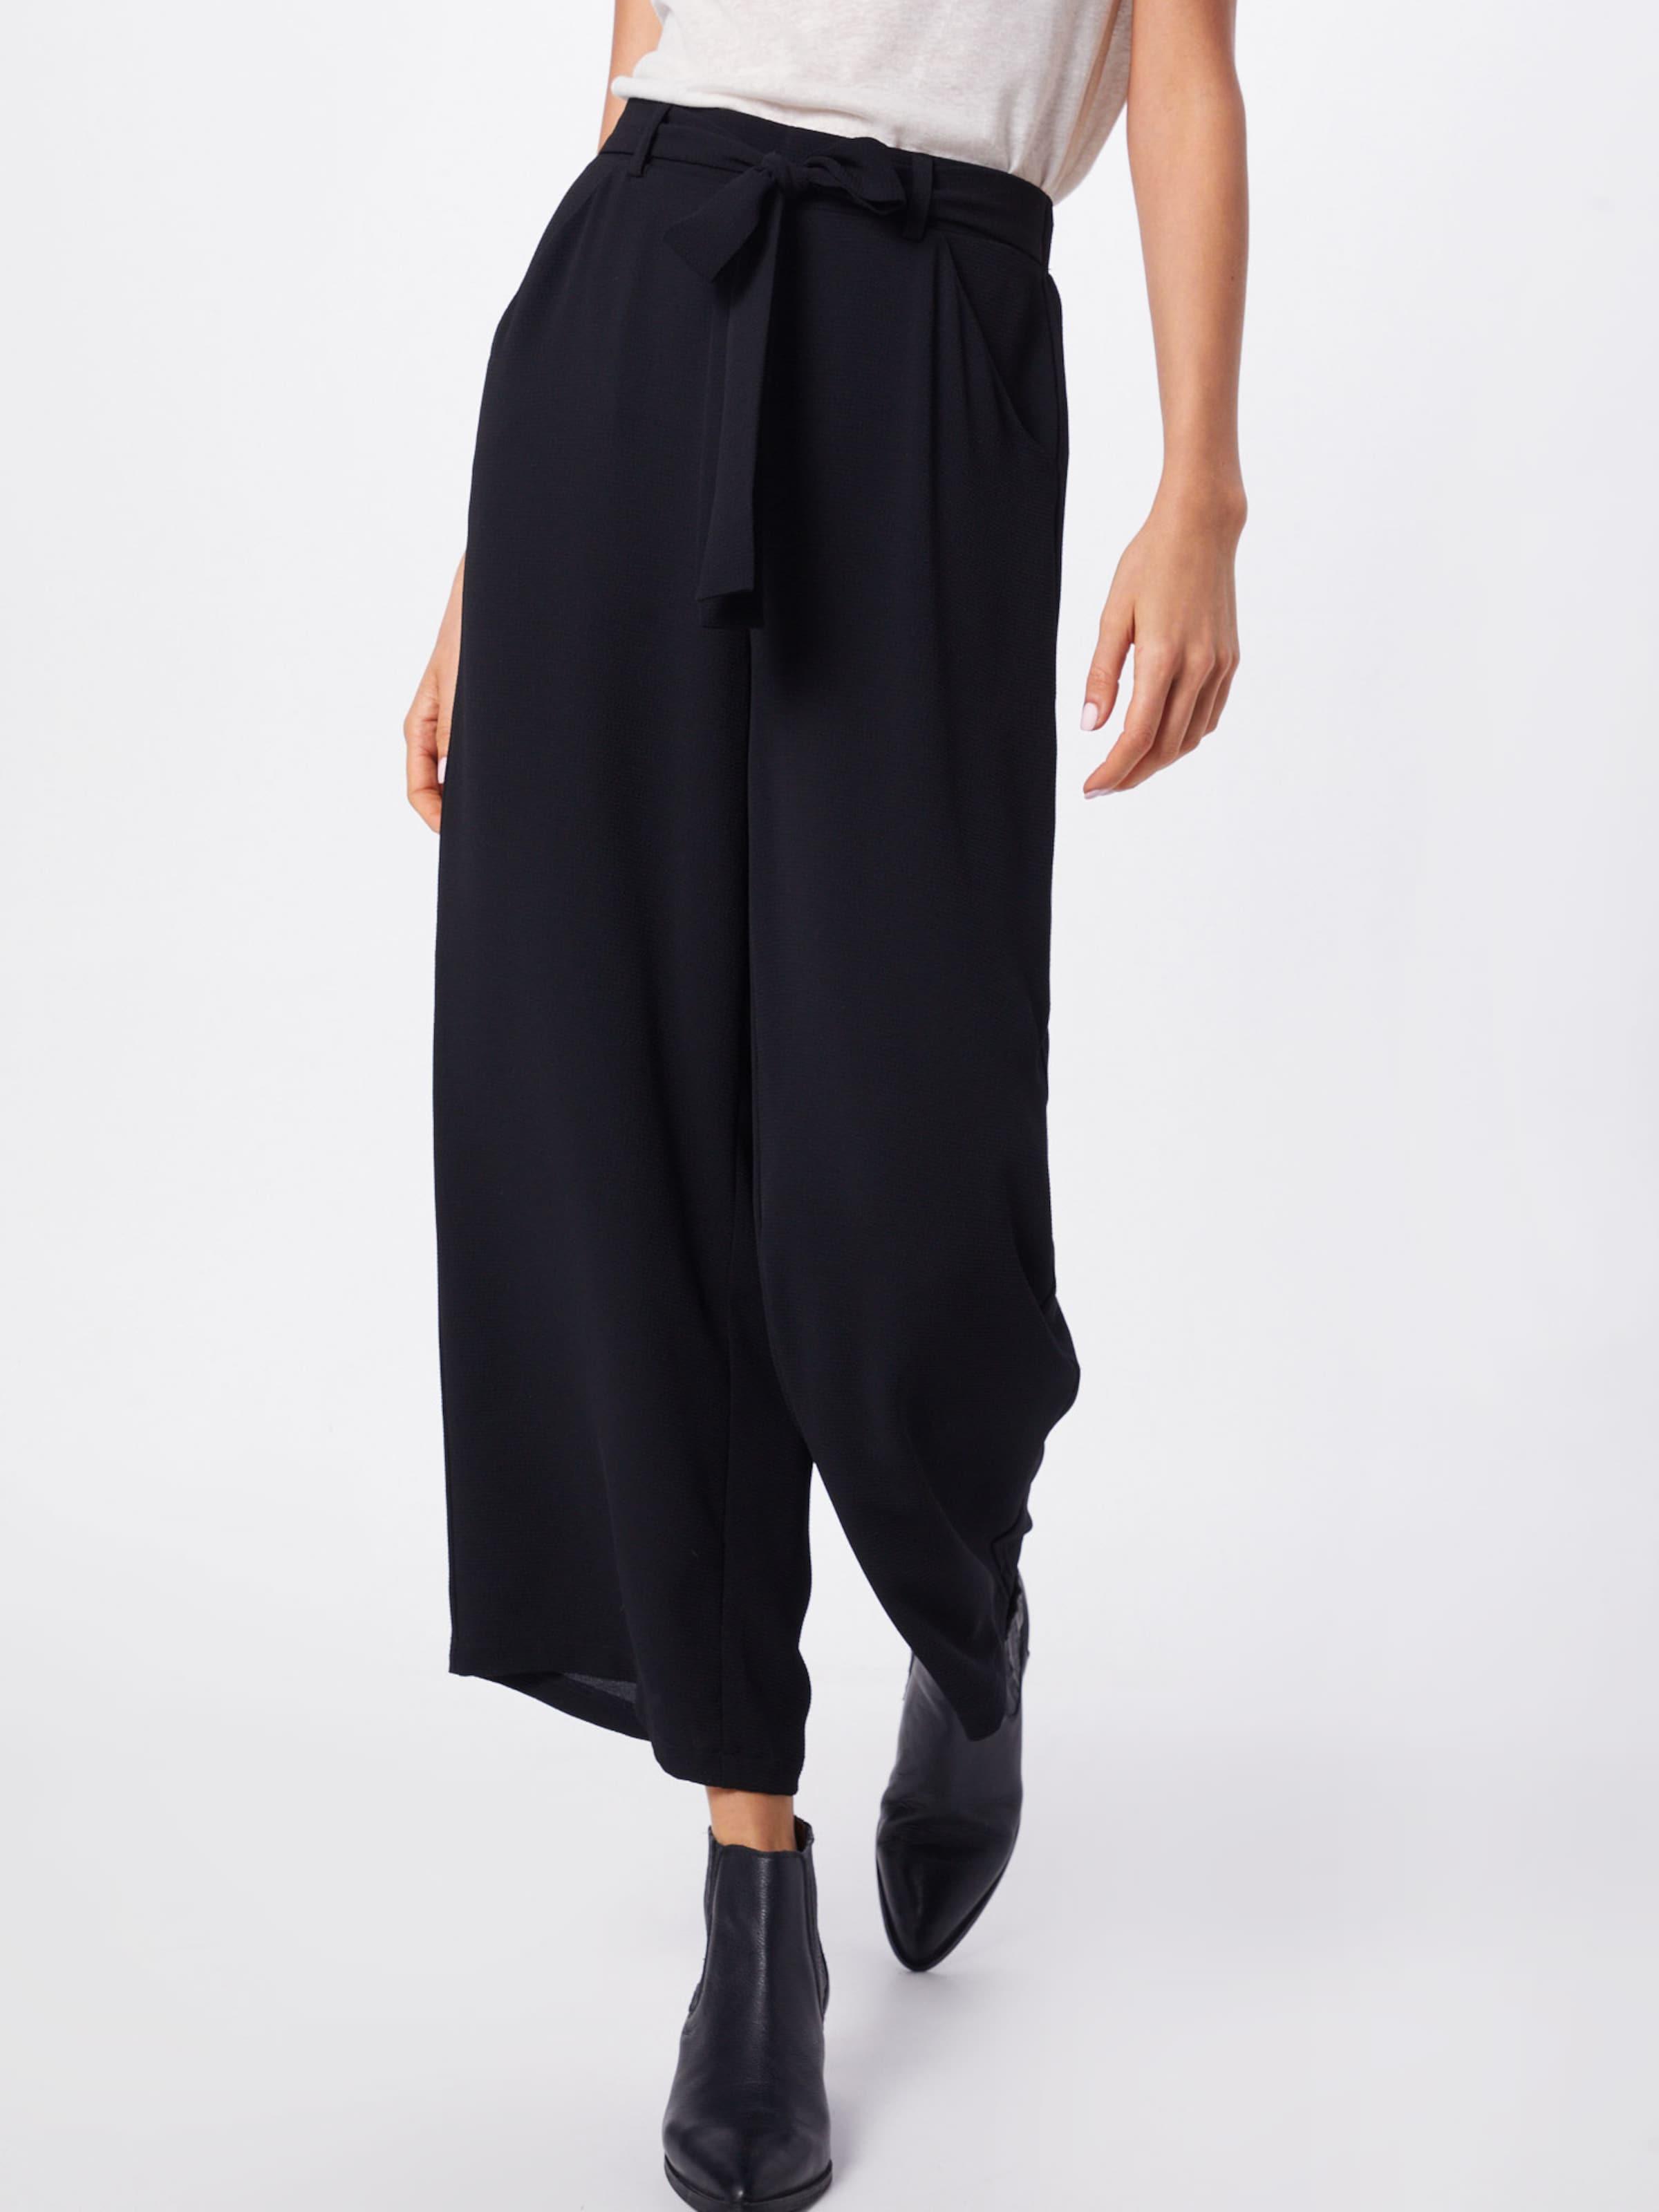 Pantalon Pantalon 'nellie' Pieces En Noir 'nellie' En Pieces 5Lc34RjAq